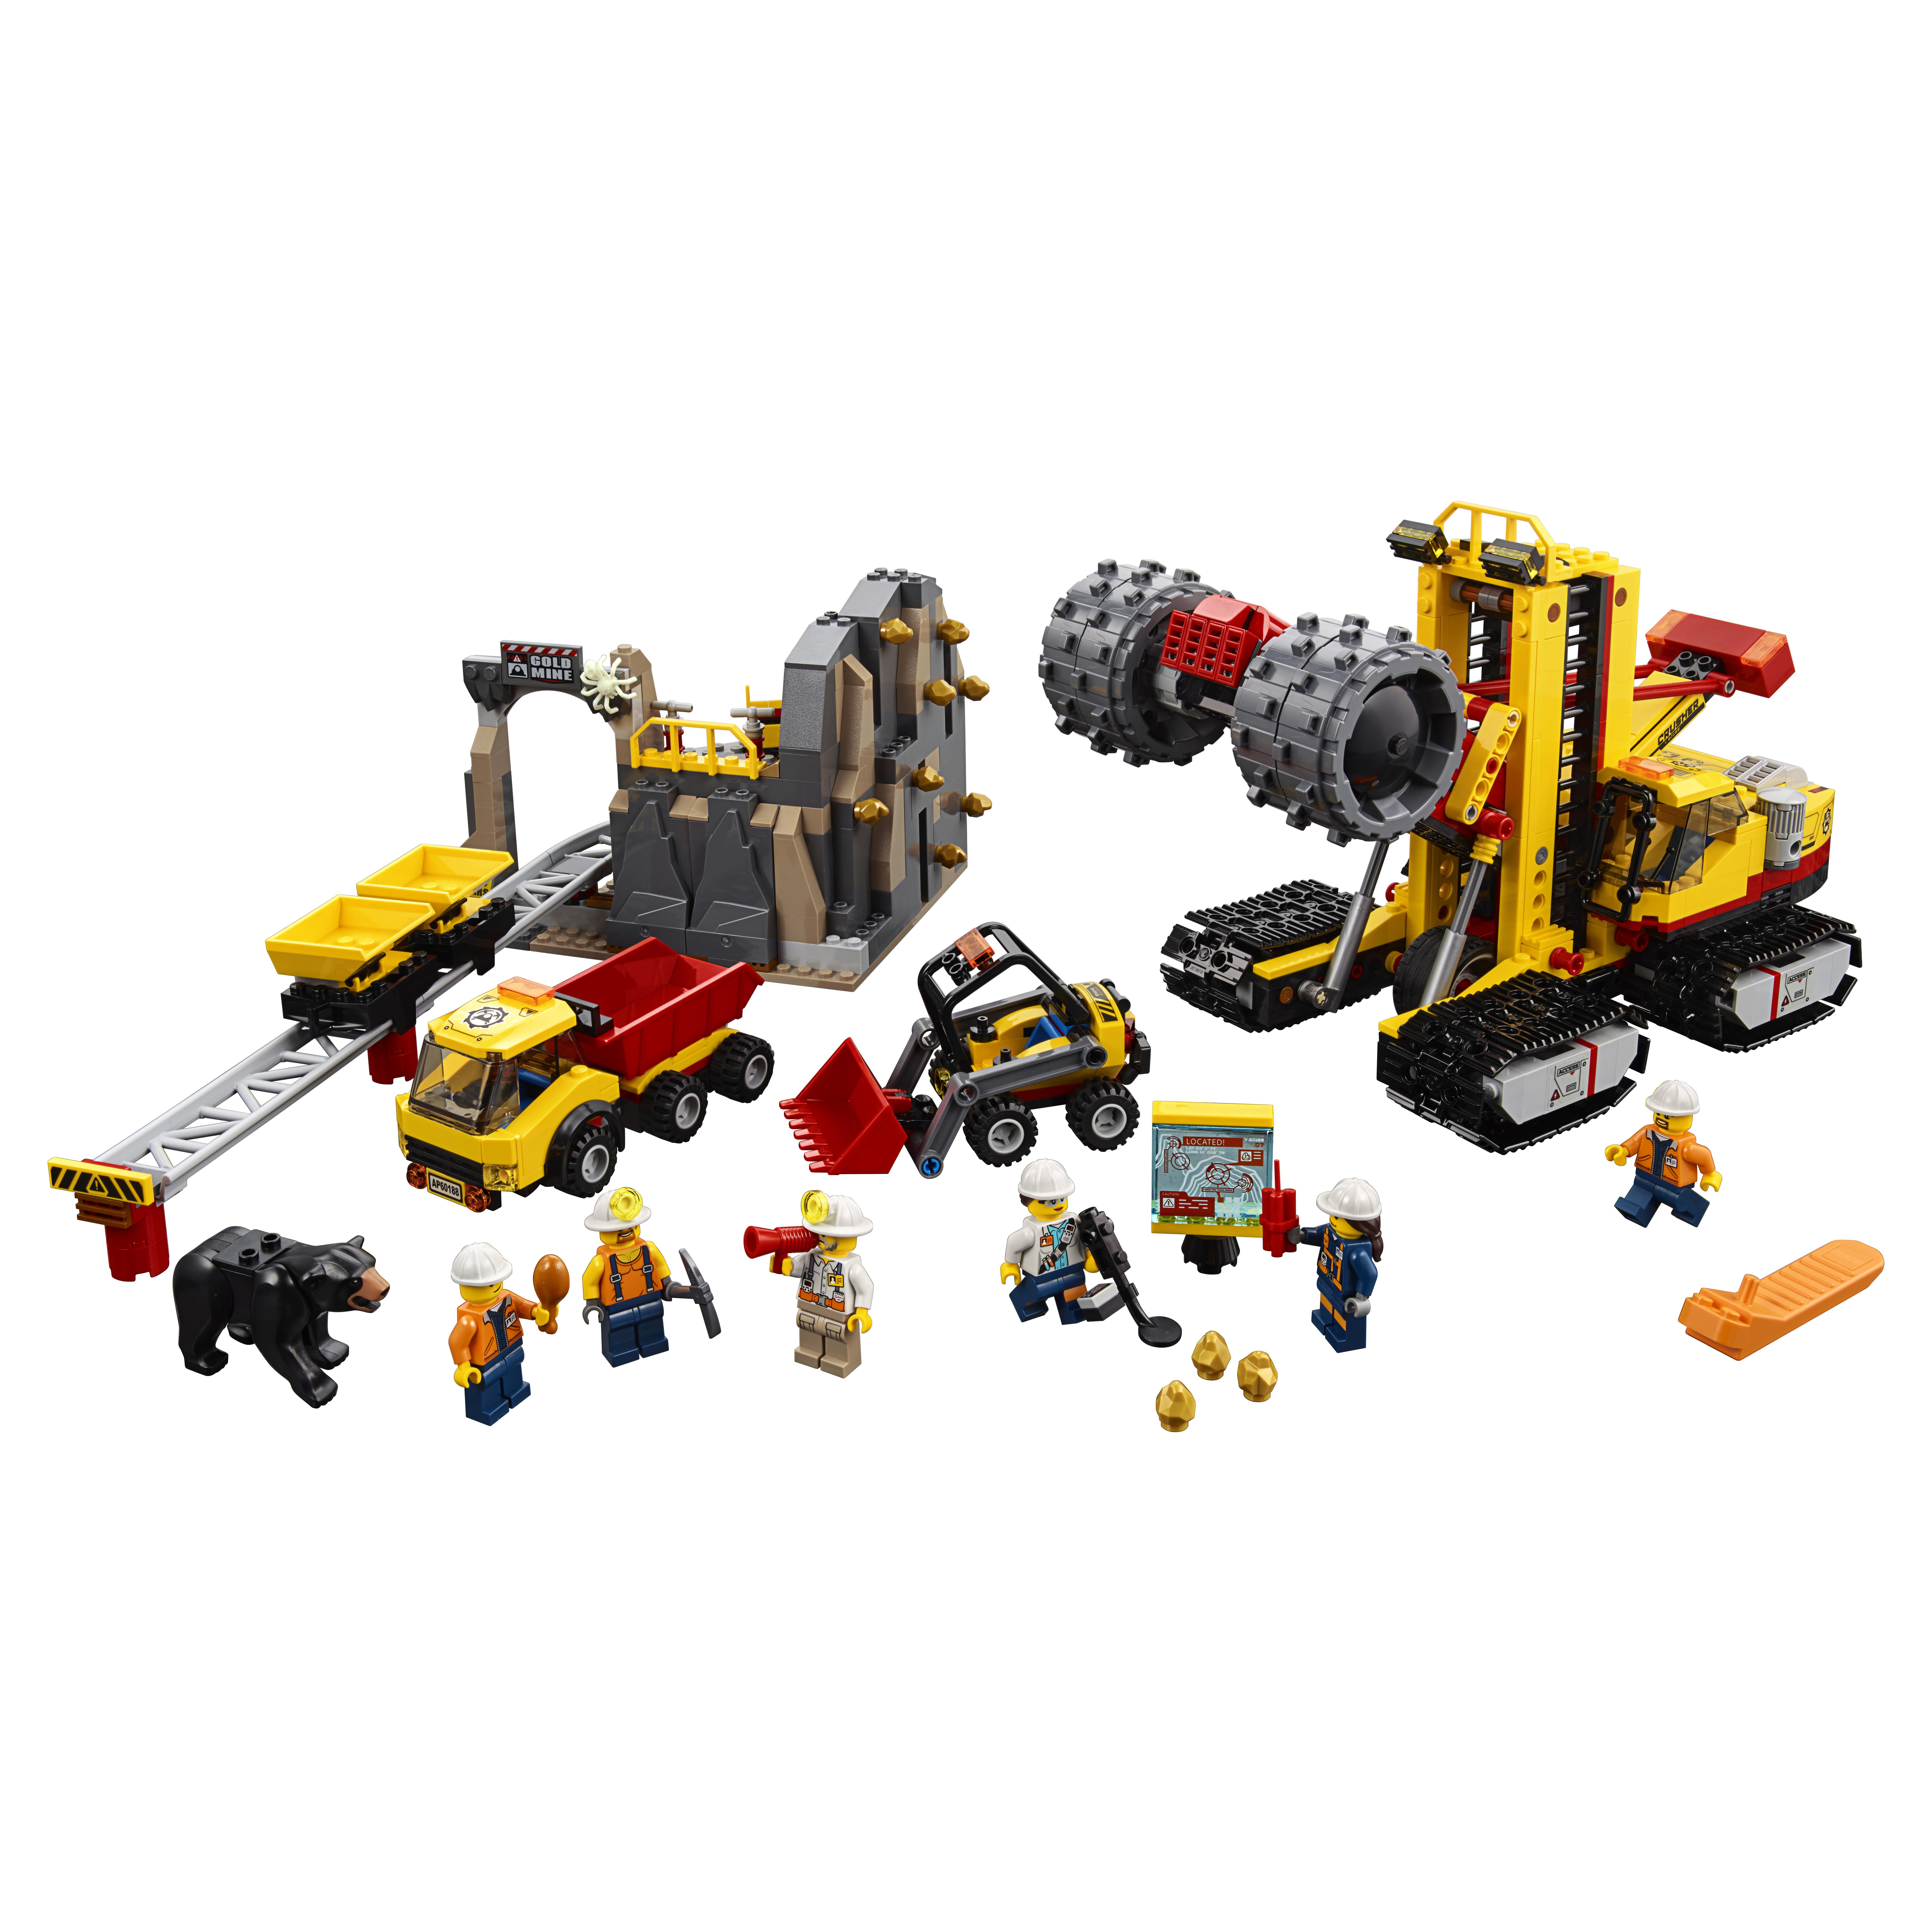 Купить Конструктор lego city mining шахта (60188), Конструктор LEGO City Mining Шахта (60188)